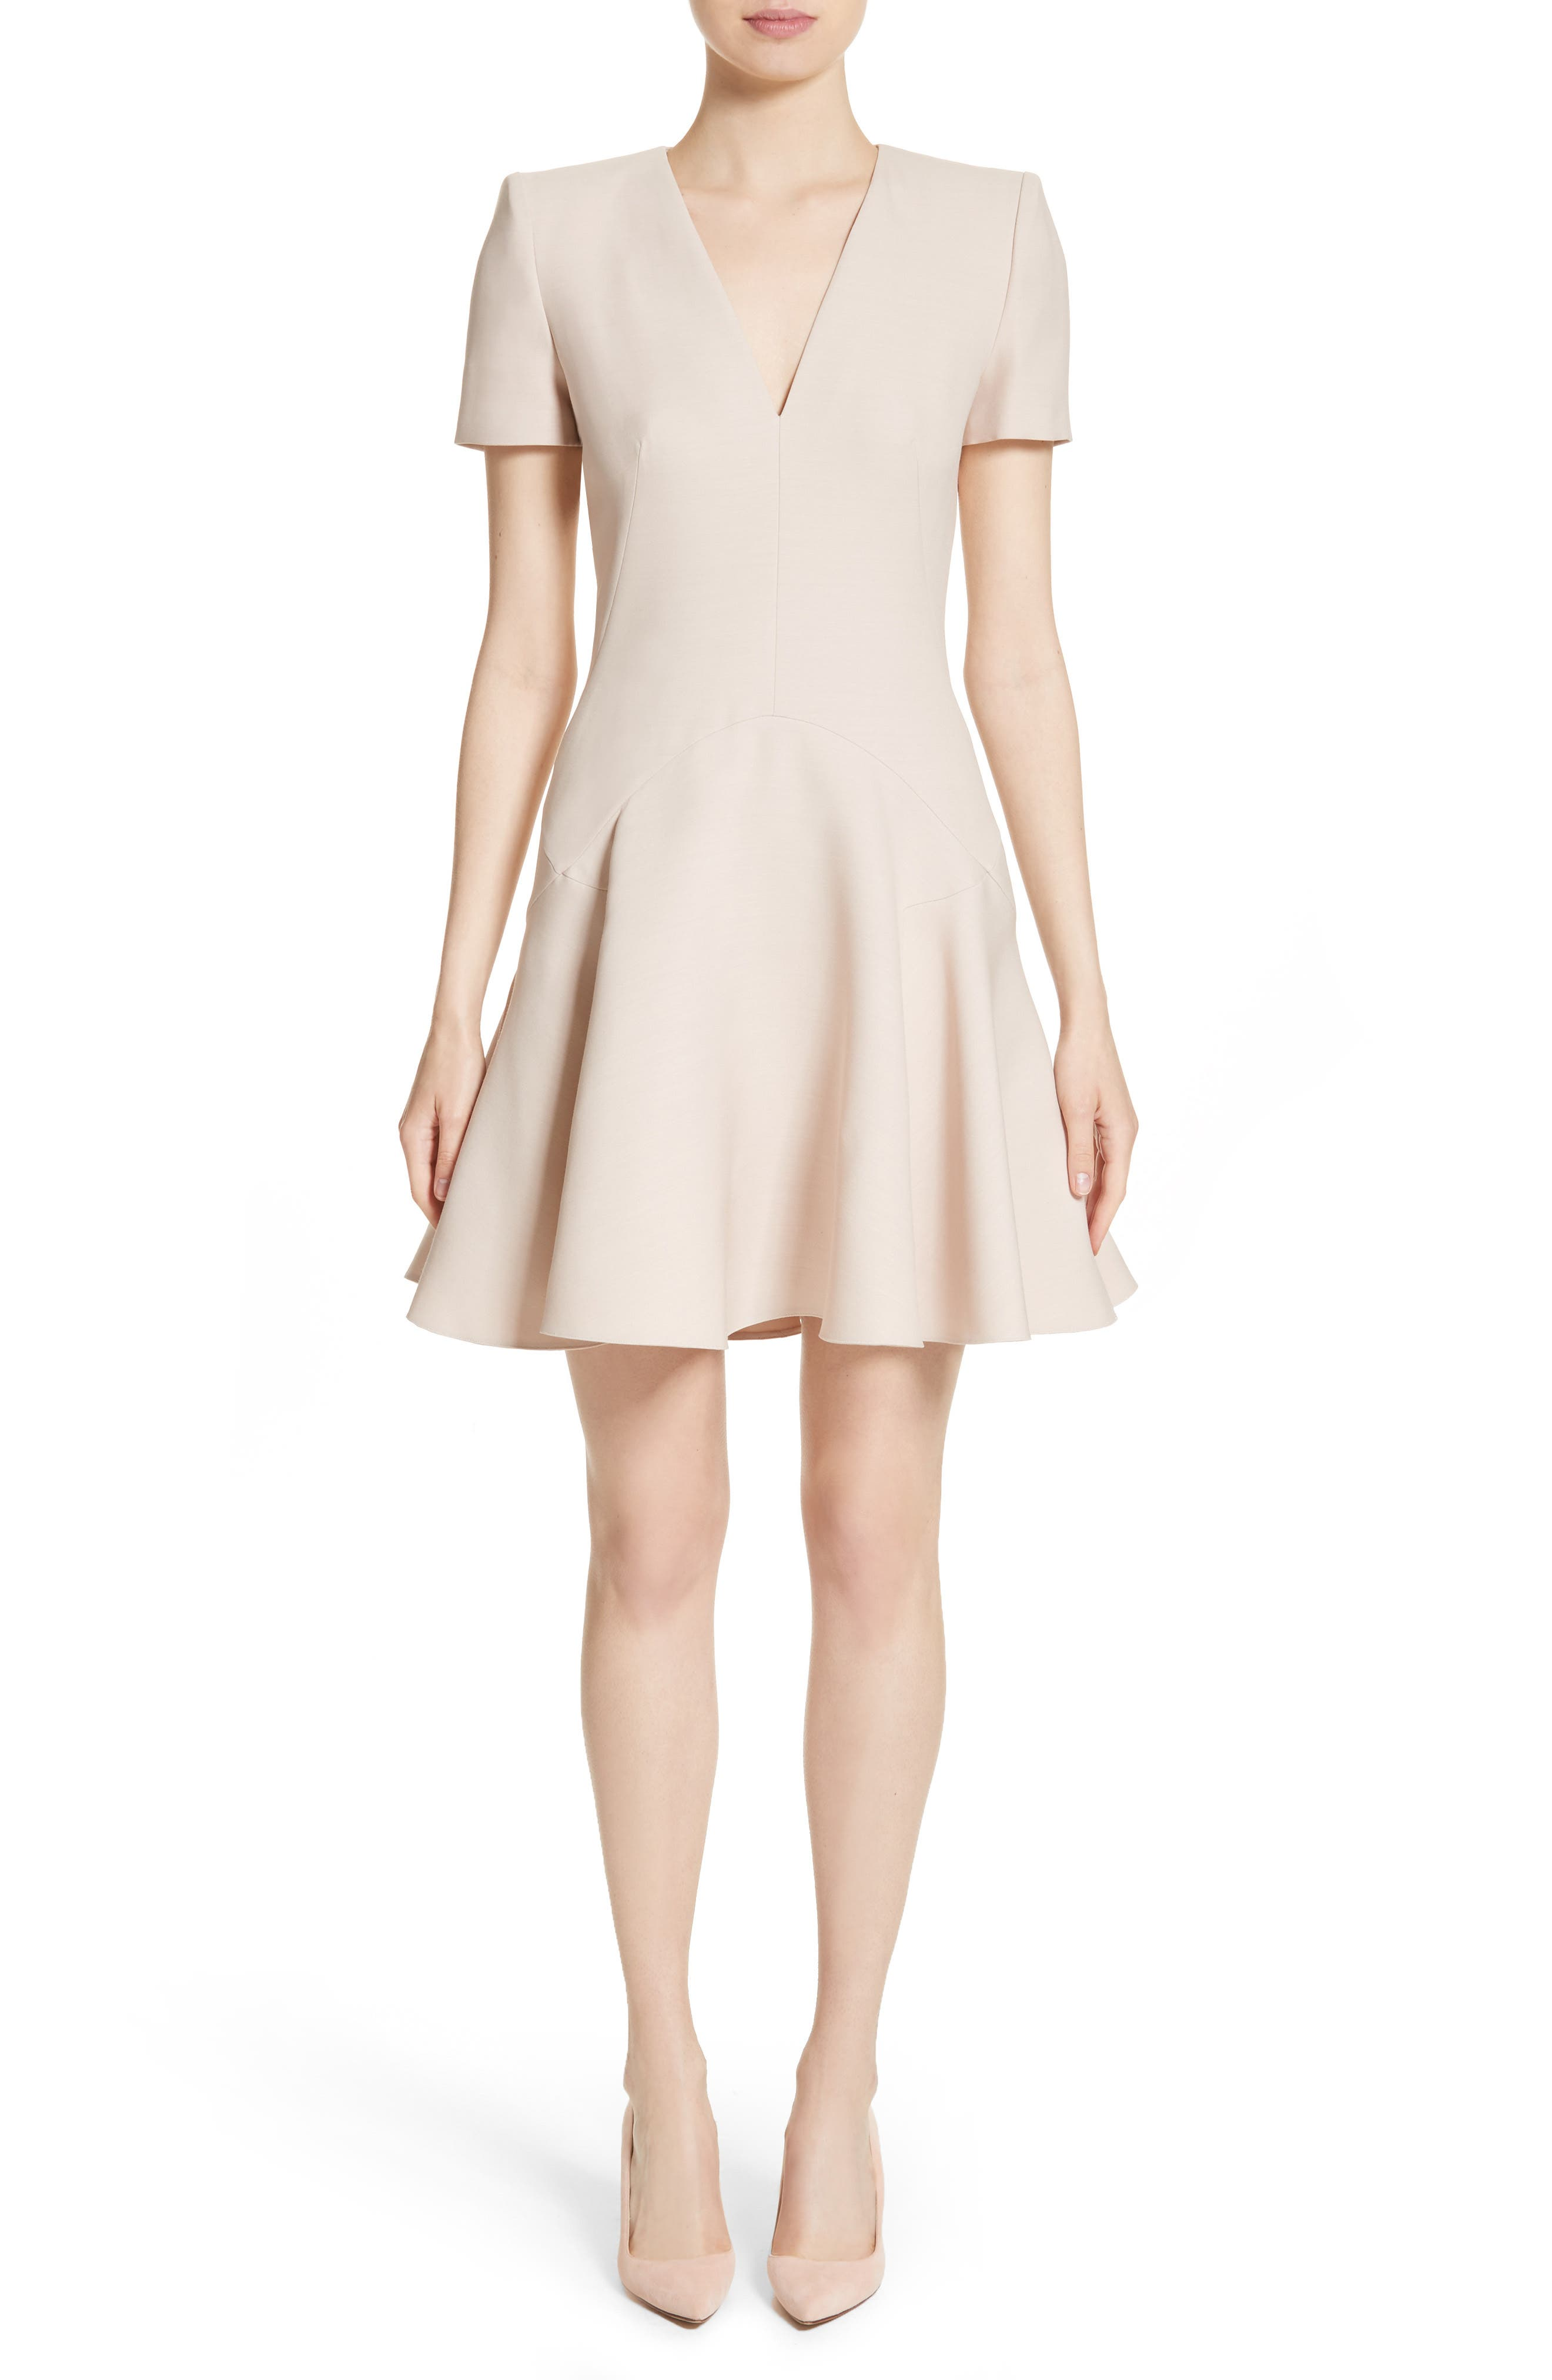 ALEXANDER MCQUEEN Wool & Silk Blend Fit & Flare Dress